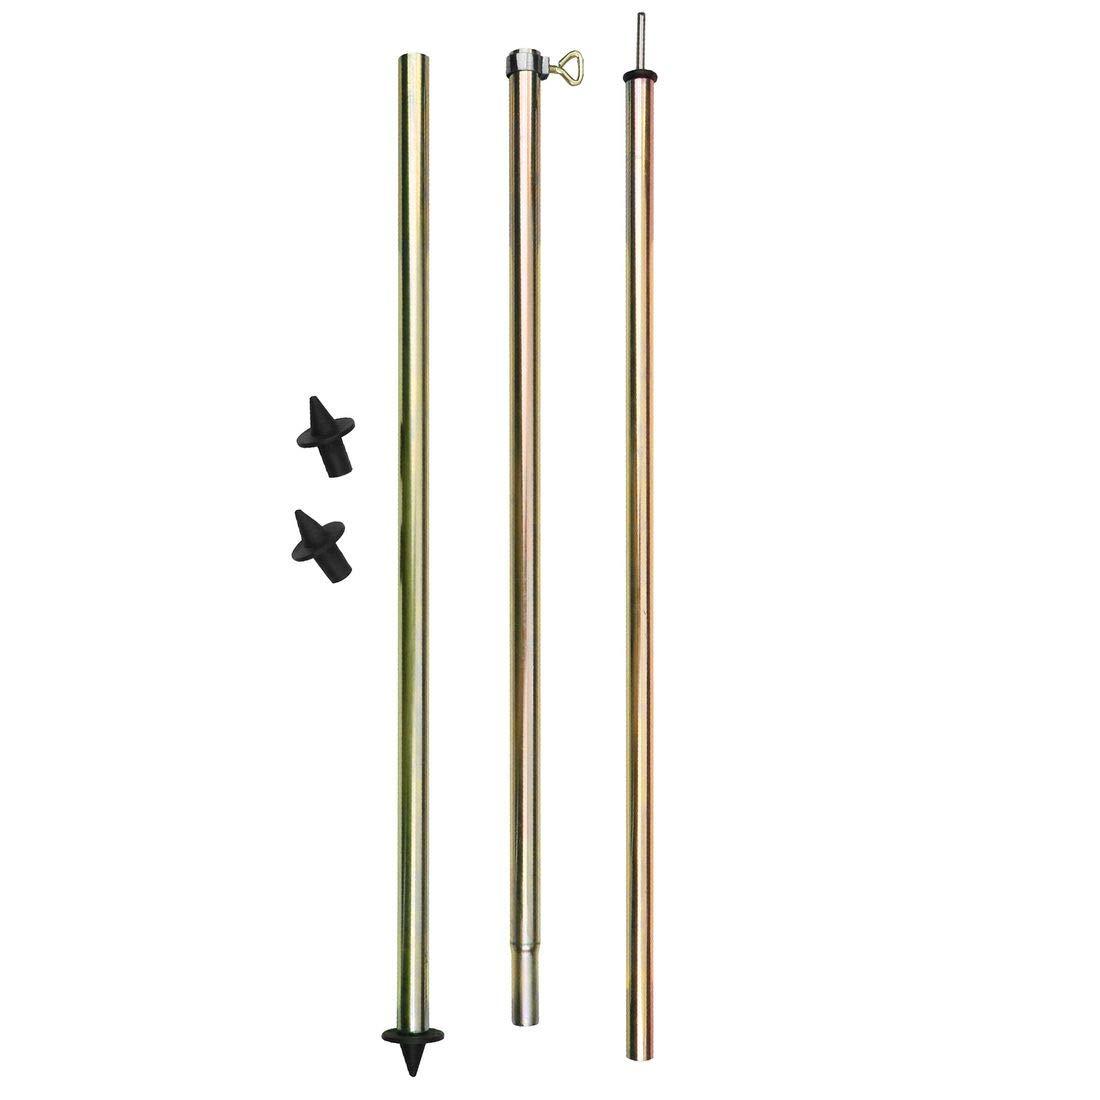 10T Outdoor Equipment TA Pole 260Tienda Barra, Oro, 170–260cm 170-260cm 10TA5|#10T Outdoor Equipment 4260181763538